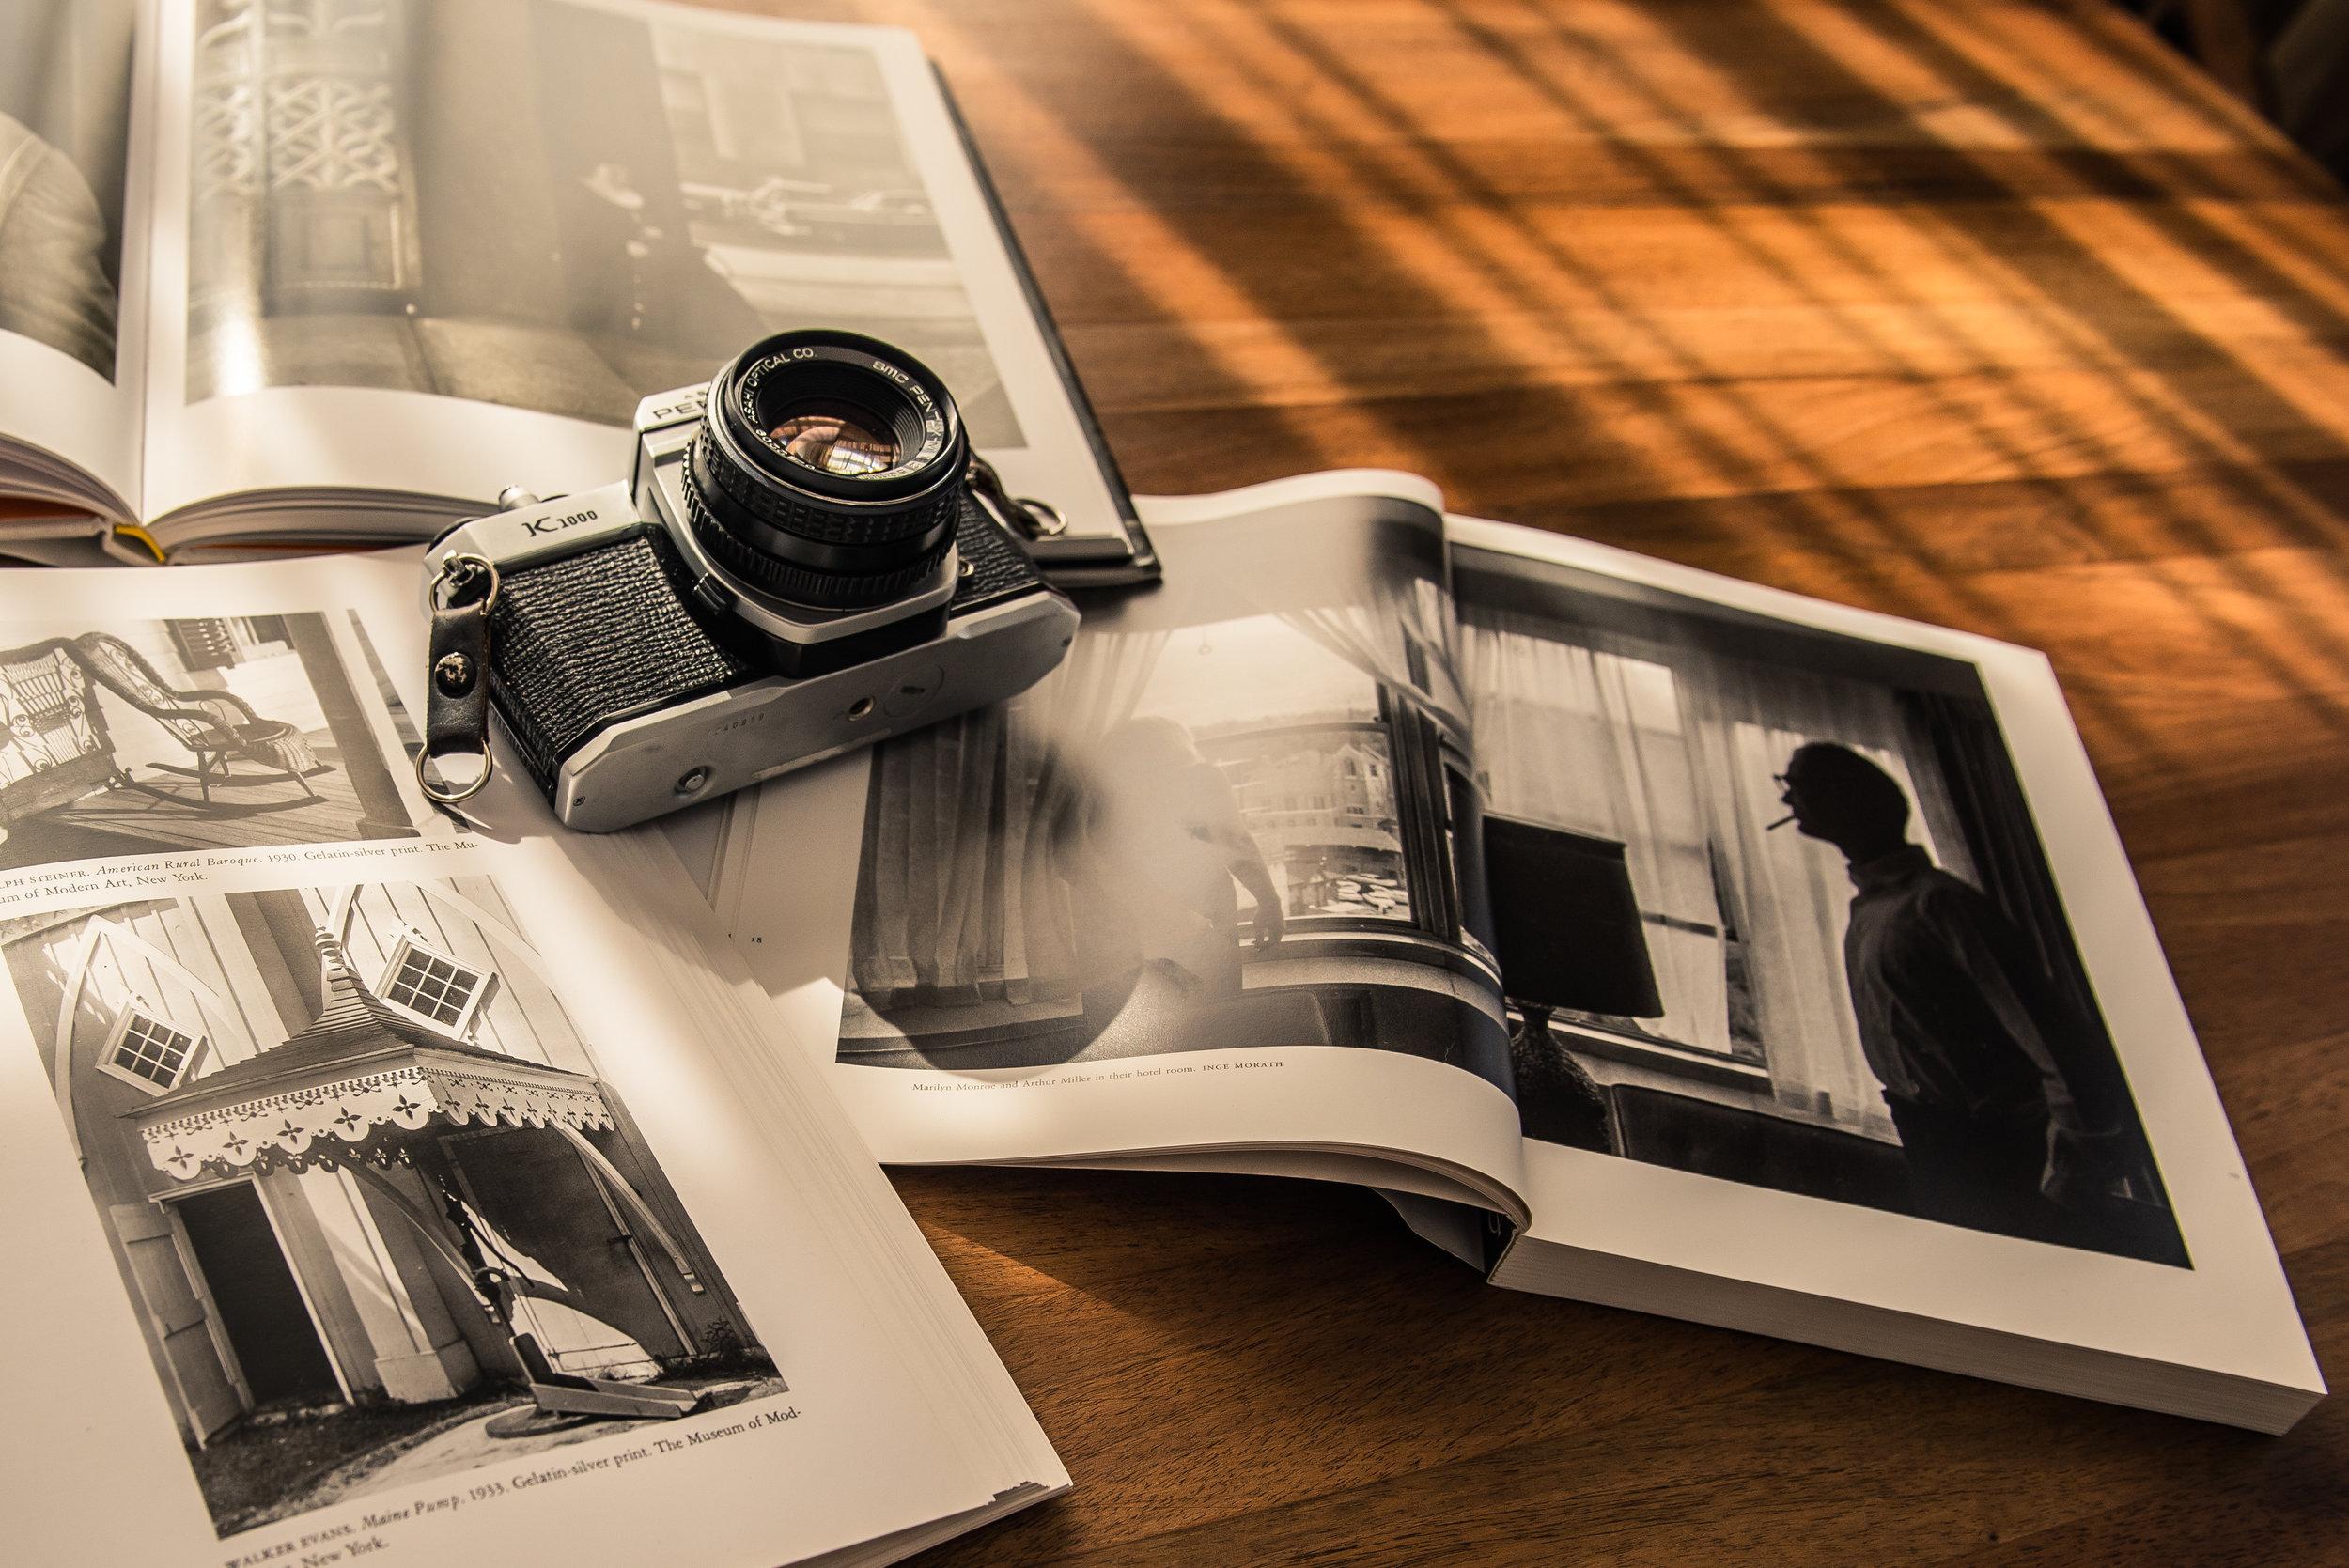 PHOTOGRAPHY_MASTER_CLASS_ALEXANDRA_ATEPAEVA_024 copy.JPG